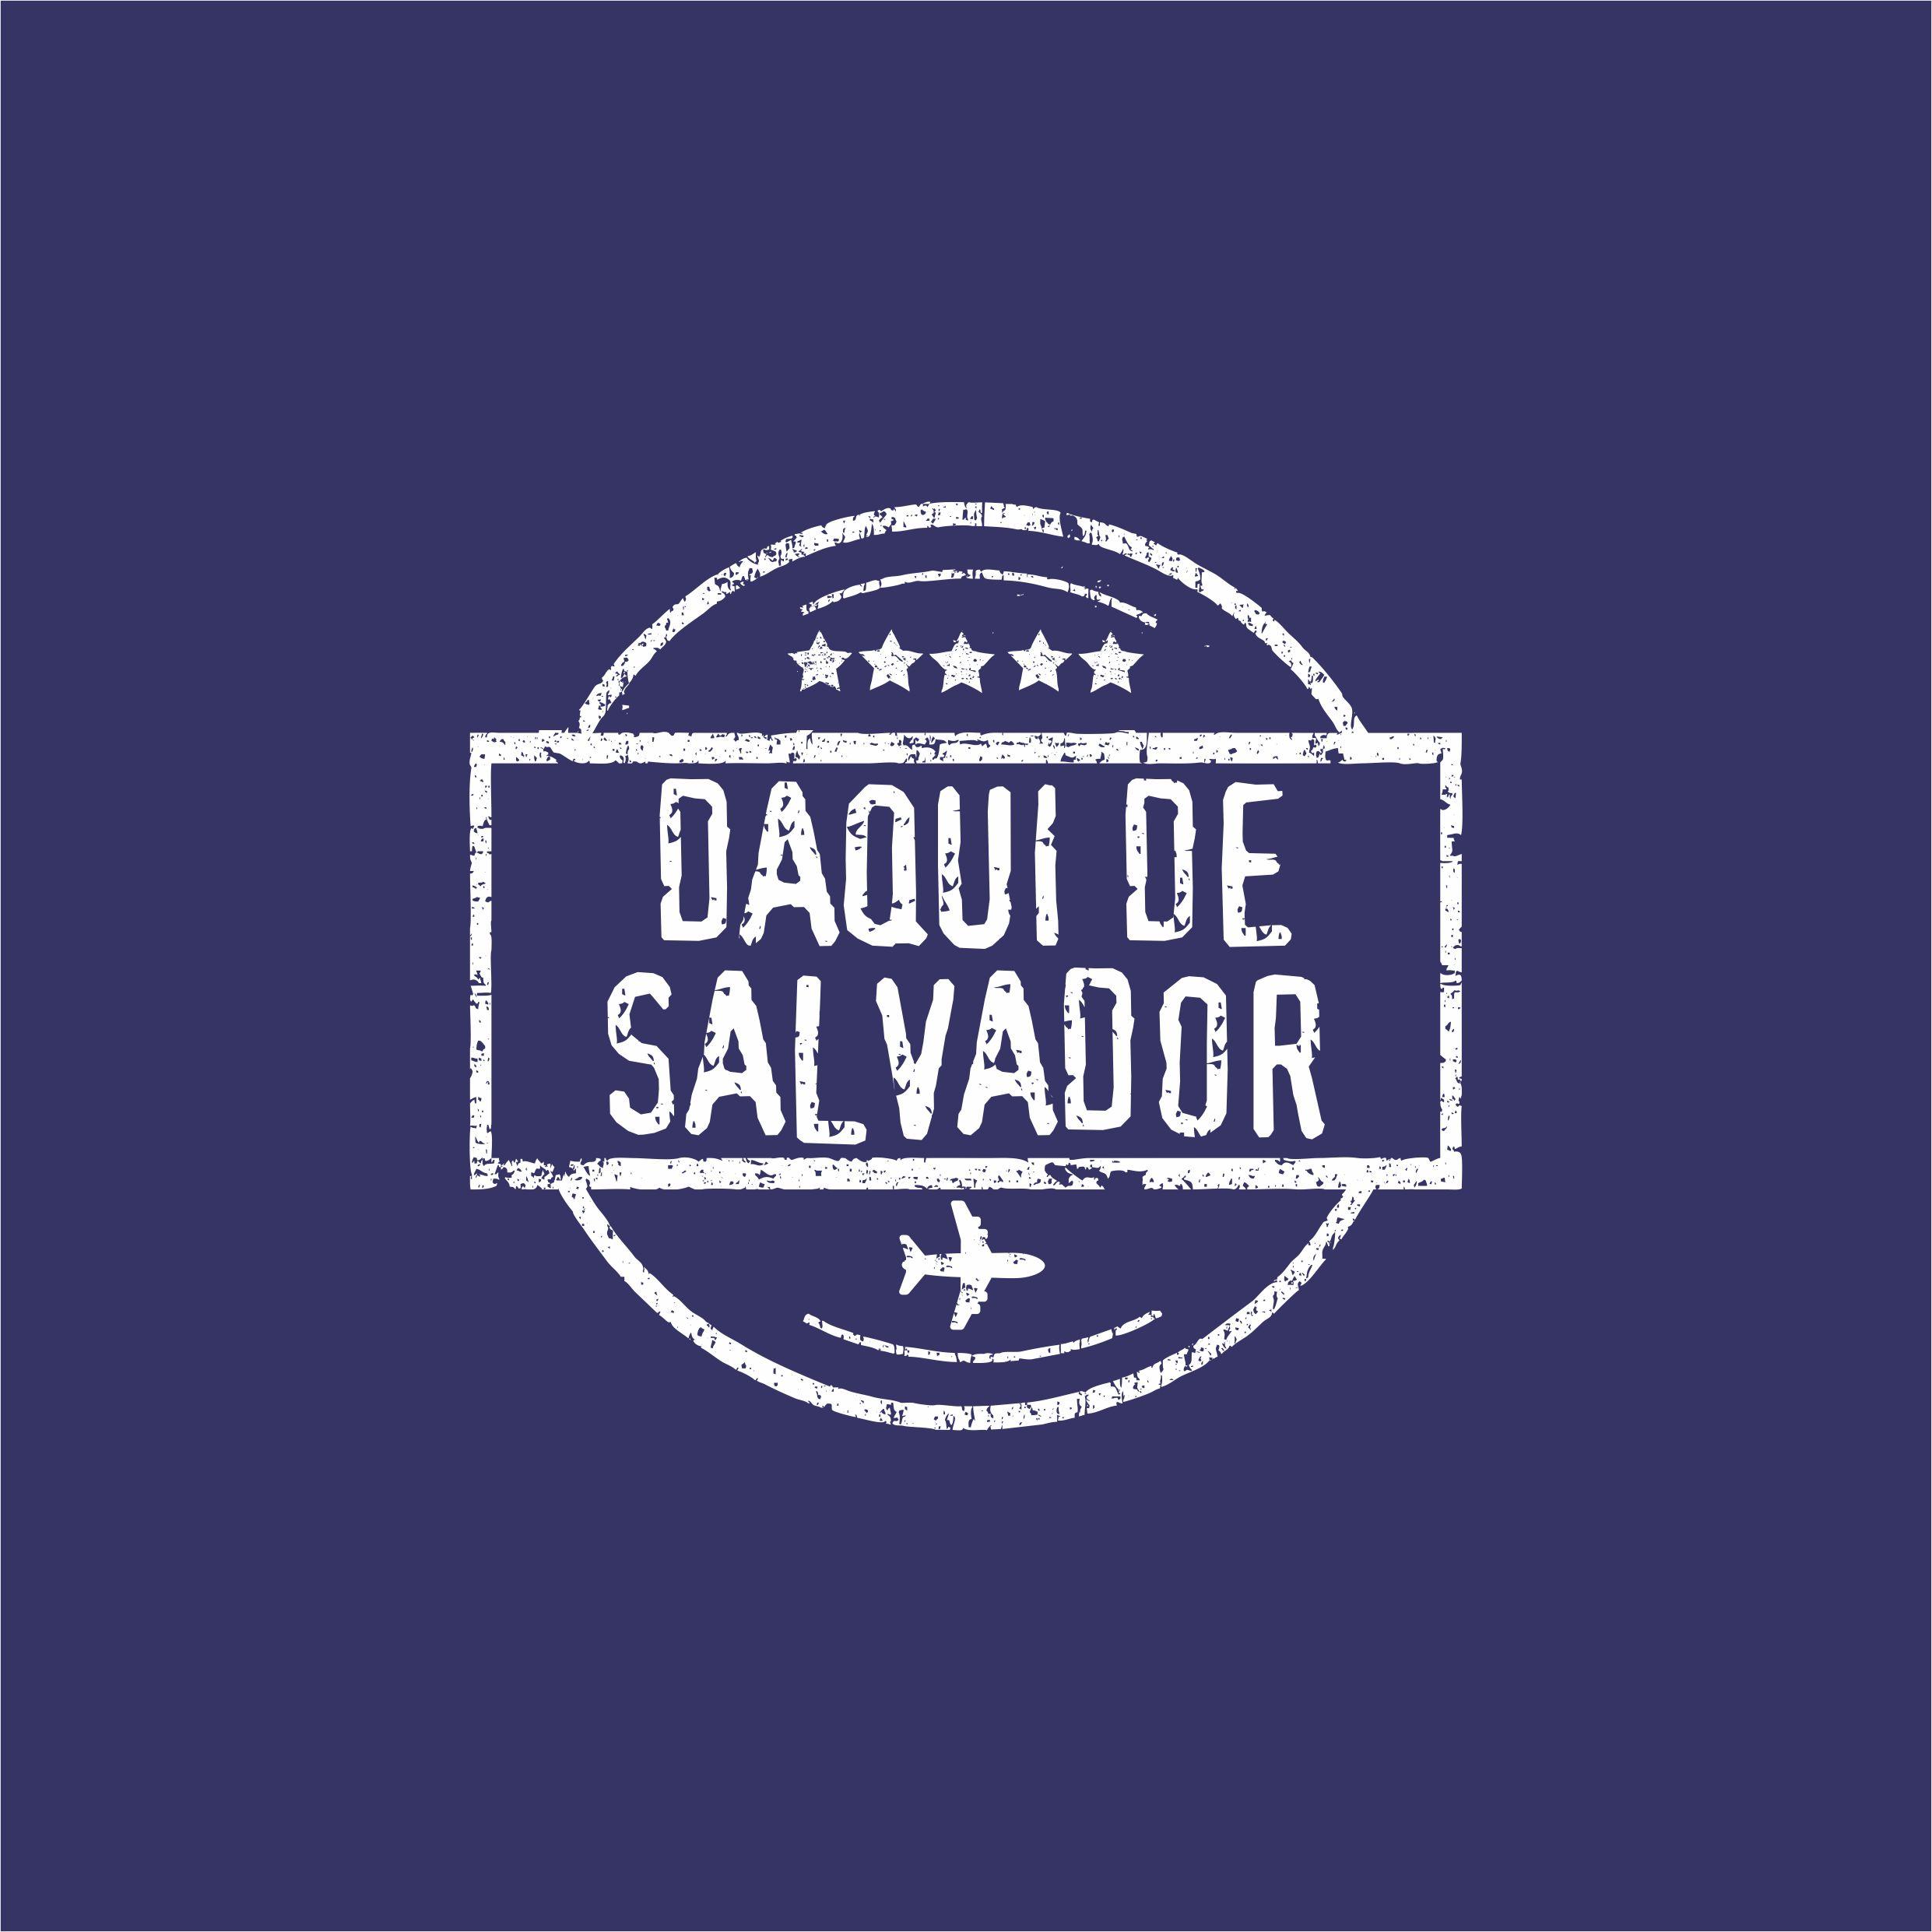 Daqui de Salvador